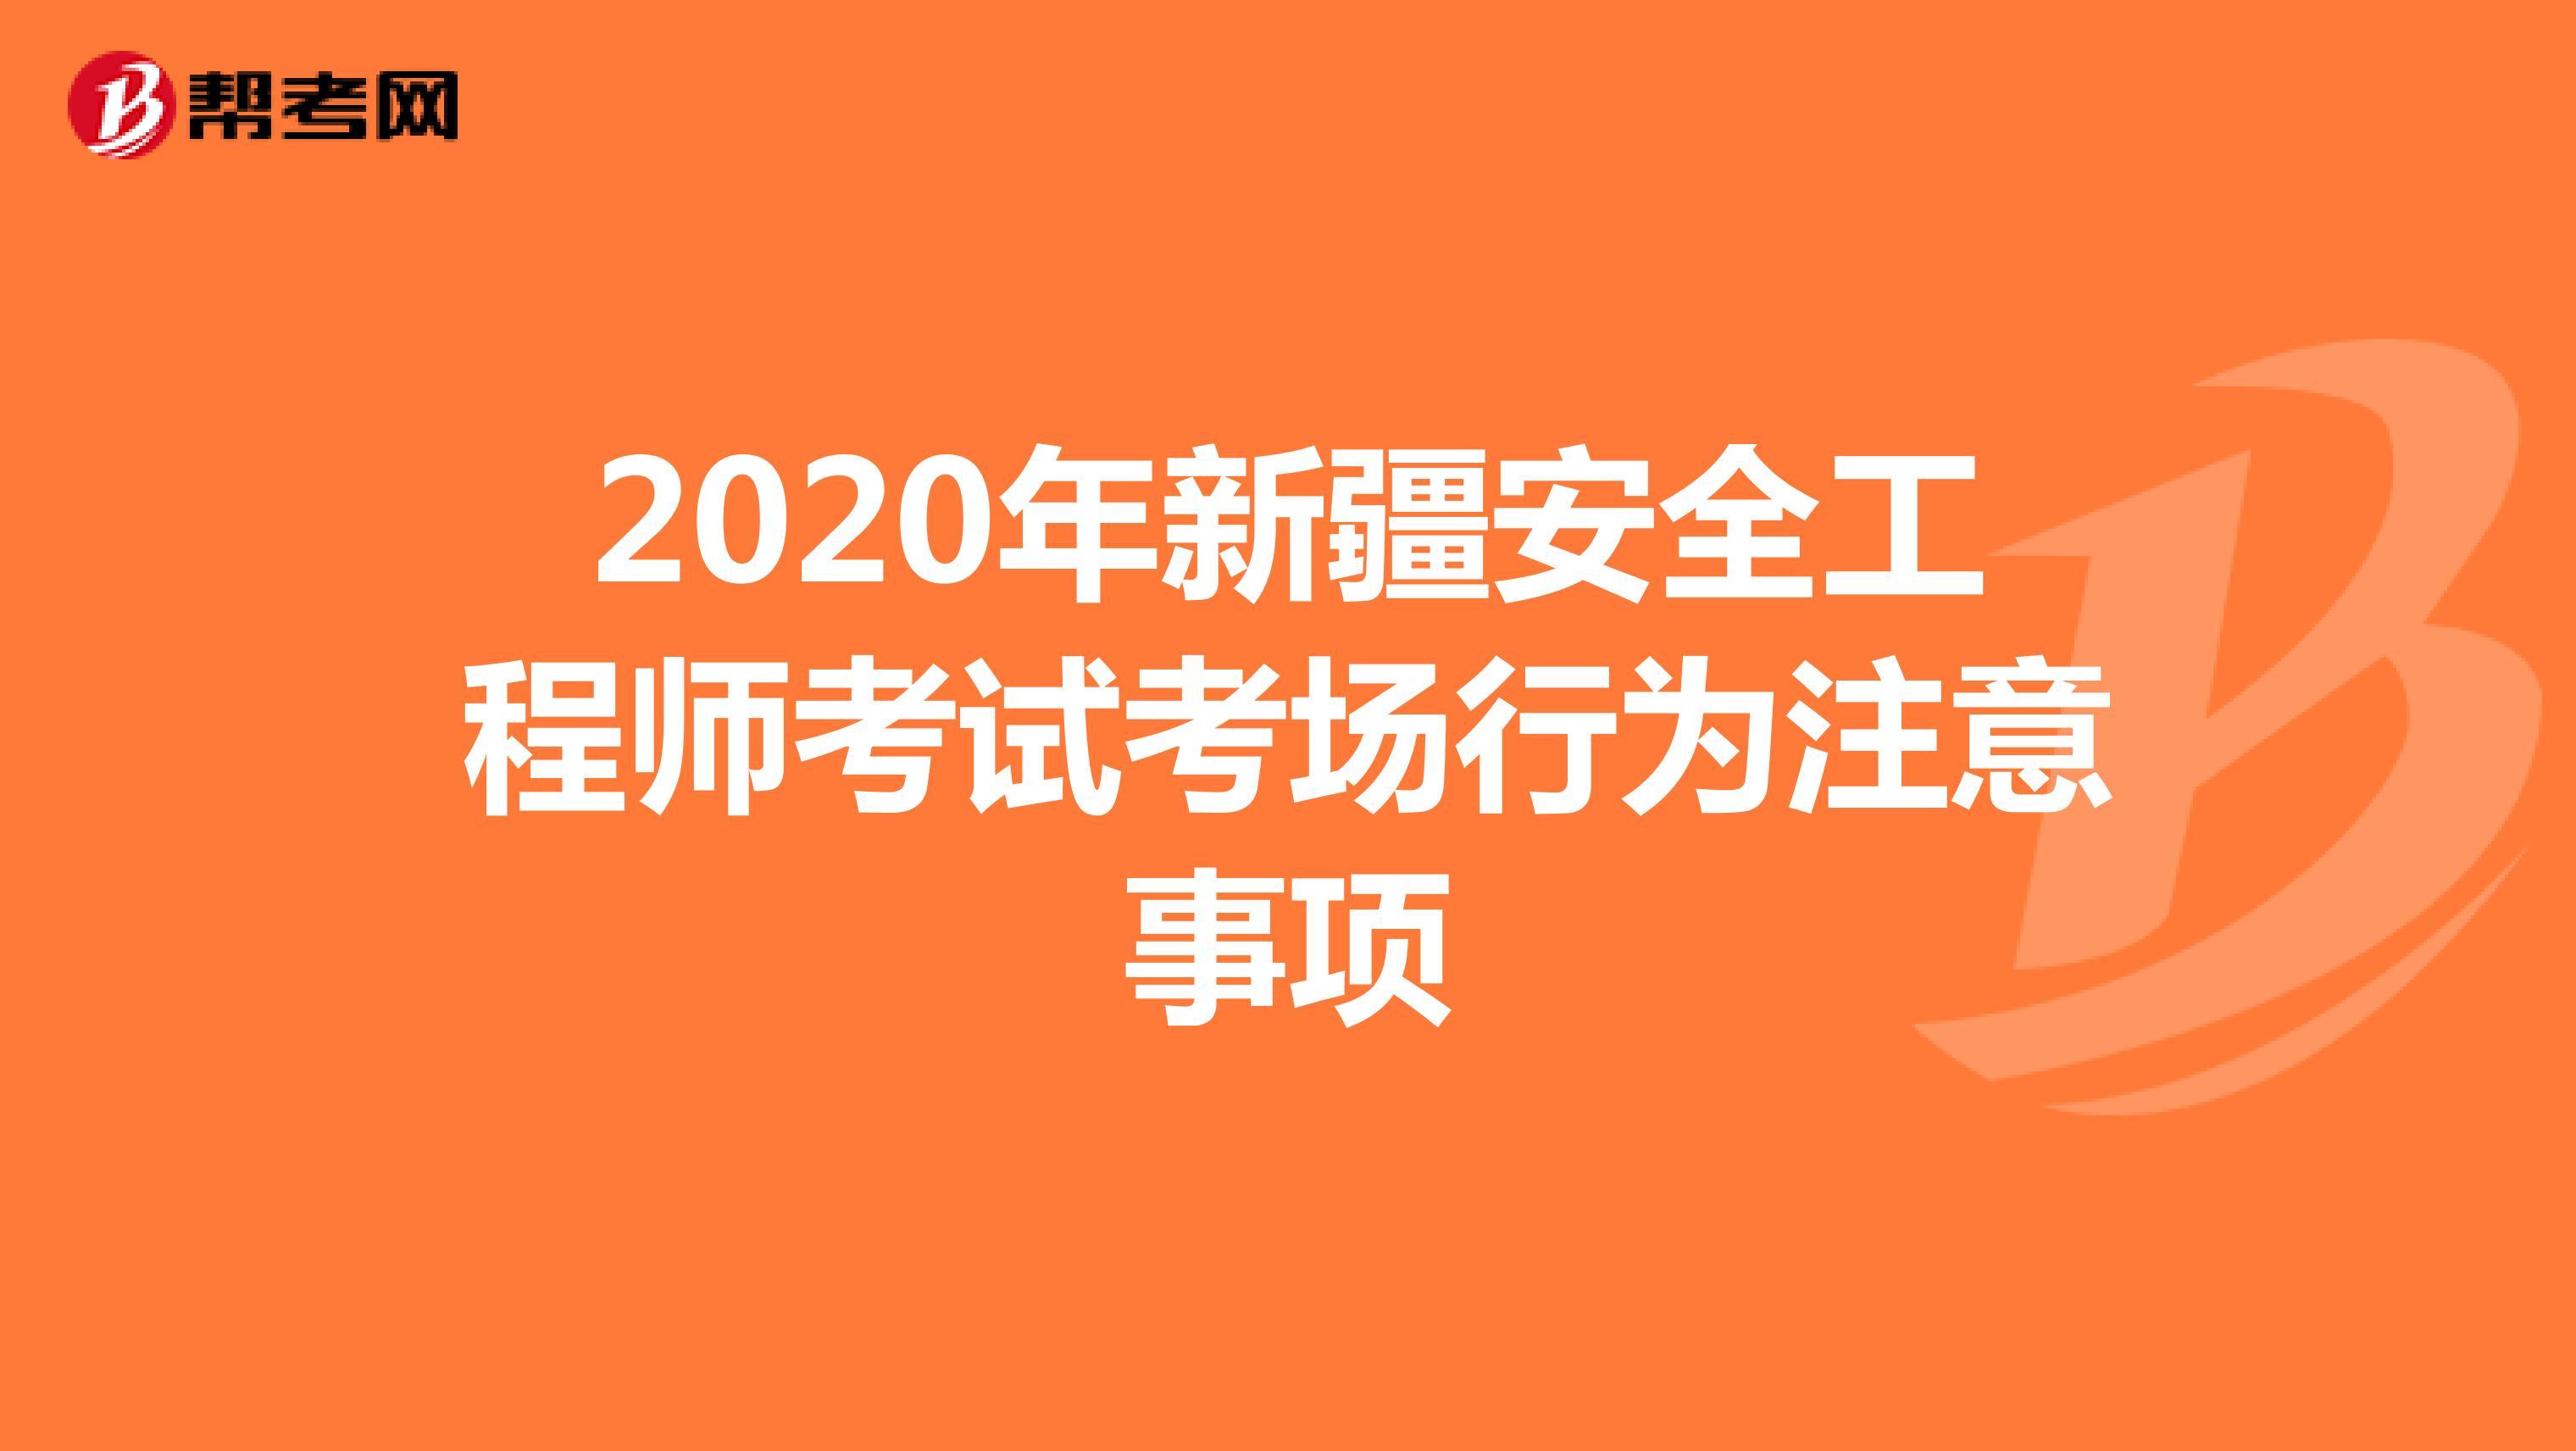 2020年新疆安全工程师考试考场行为注意事项